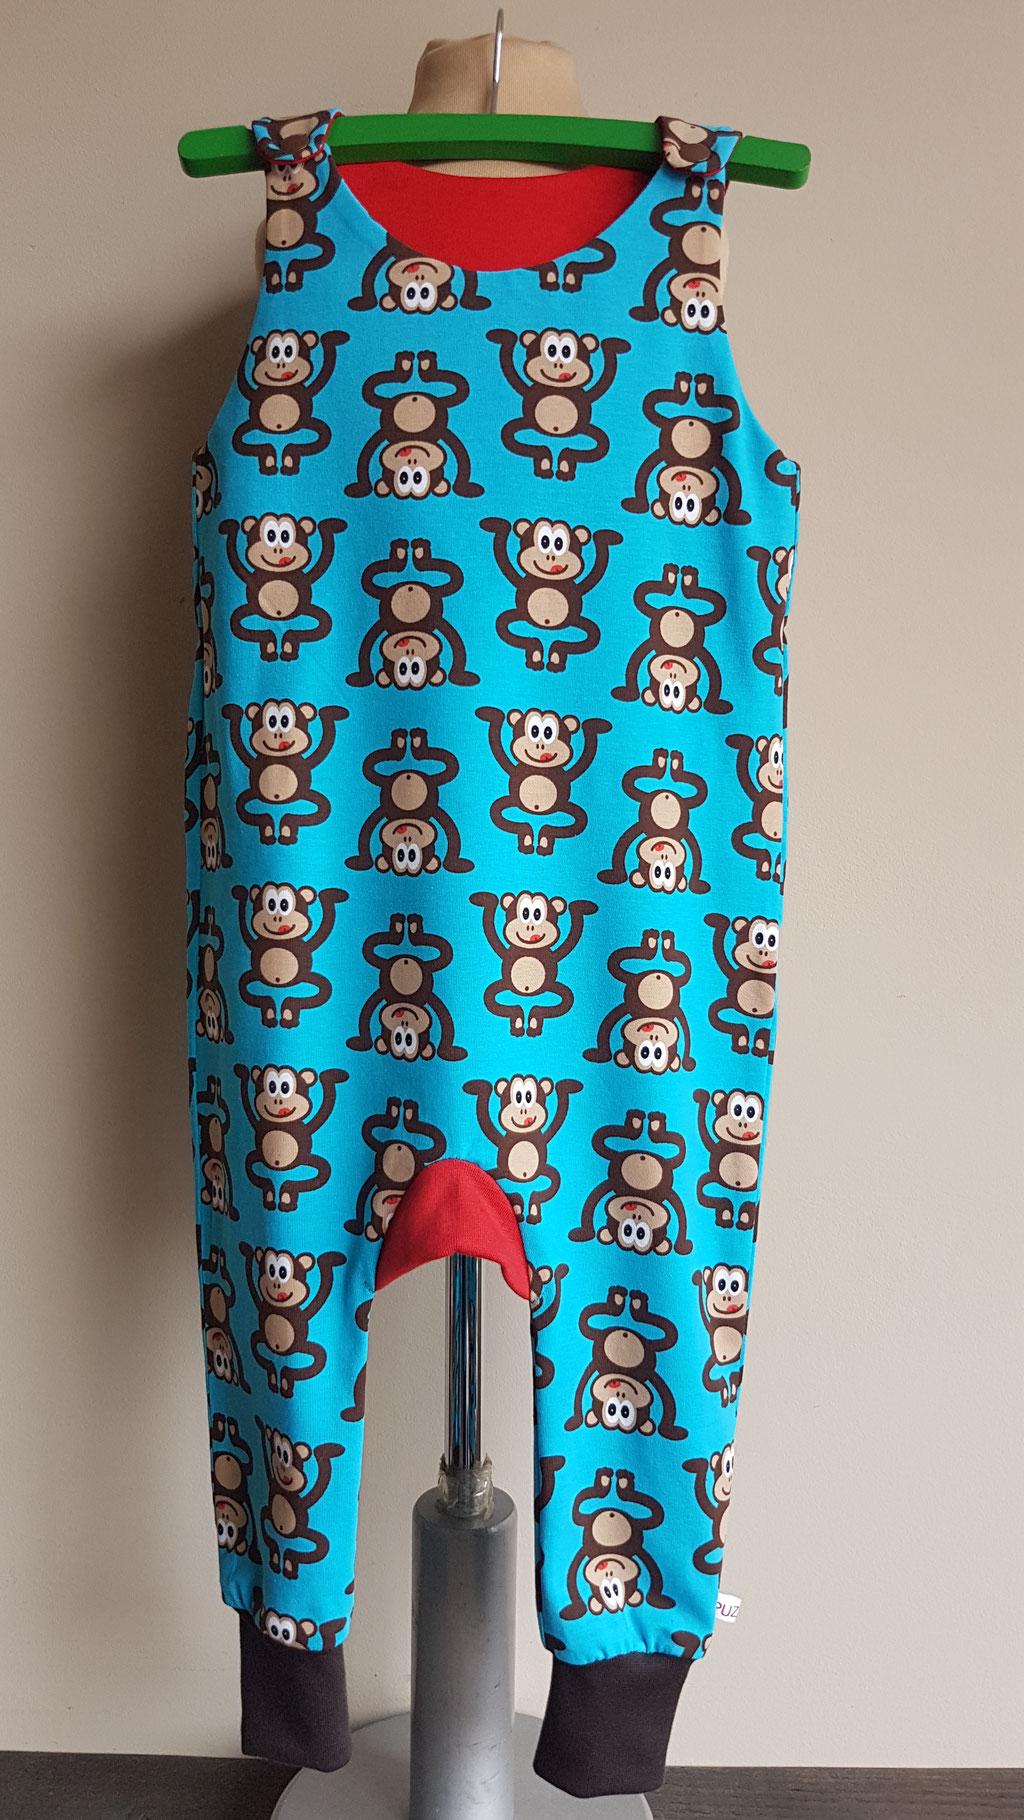 Voor: Monkey business (blauw) (maat 80 op voorraad)